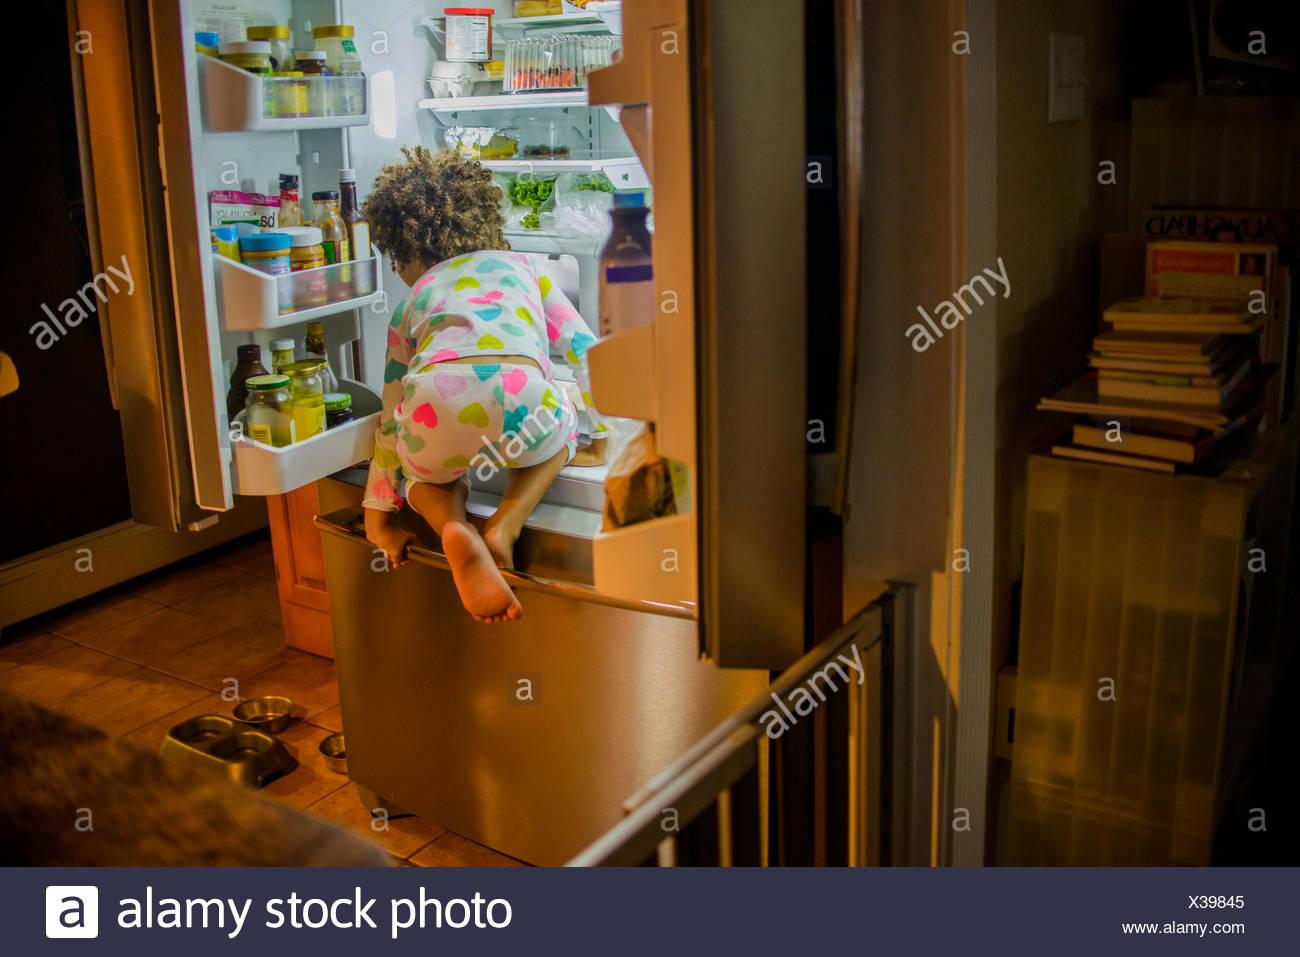 Vista posteriore di una ragazza di intrufolarsi cibo e bevande dal frigorifero durante la notte Immagini Stock